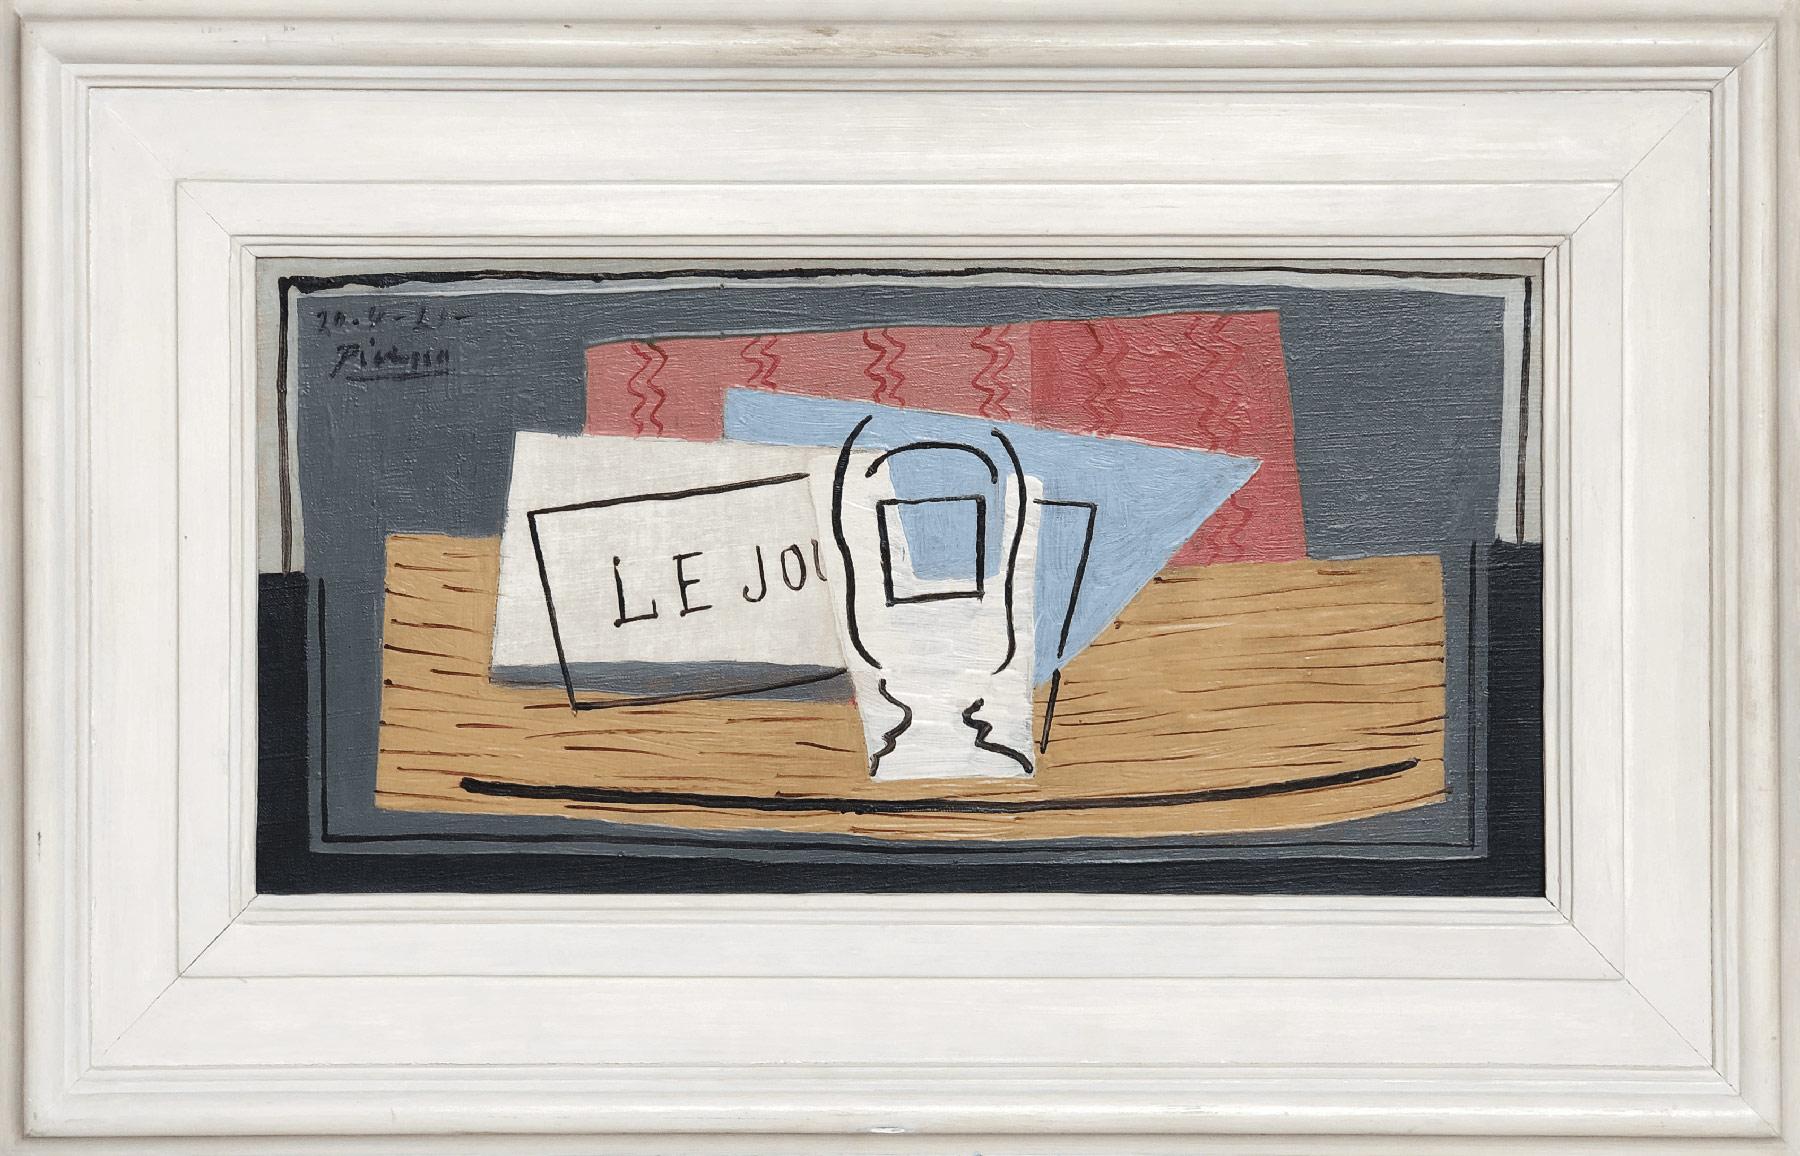 Lotteria online mette in palio a scopo benefico un dipinto di Picasso del valore di 1milione a 100 euro